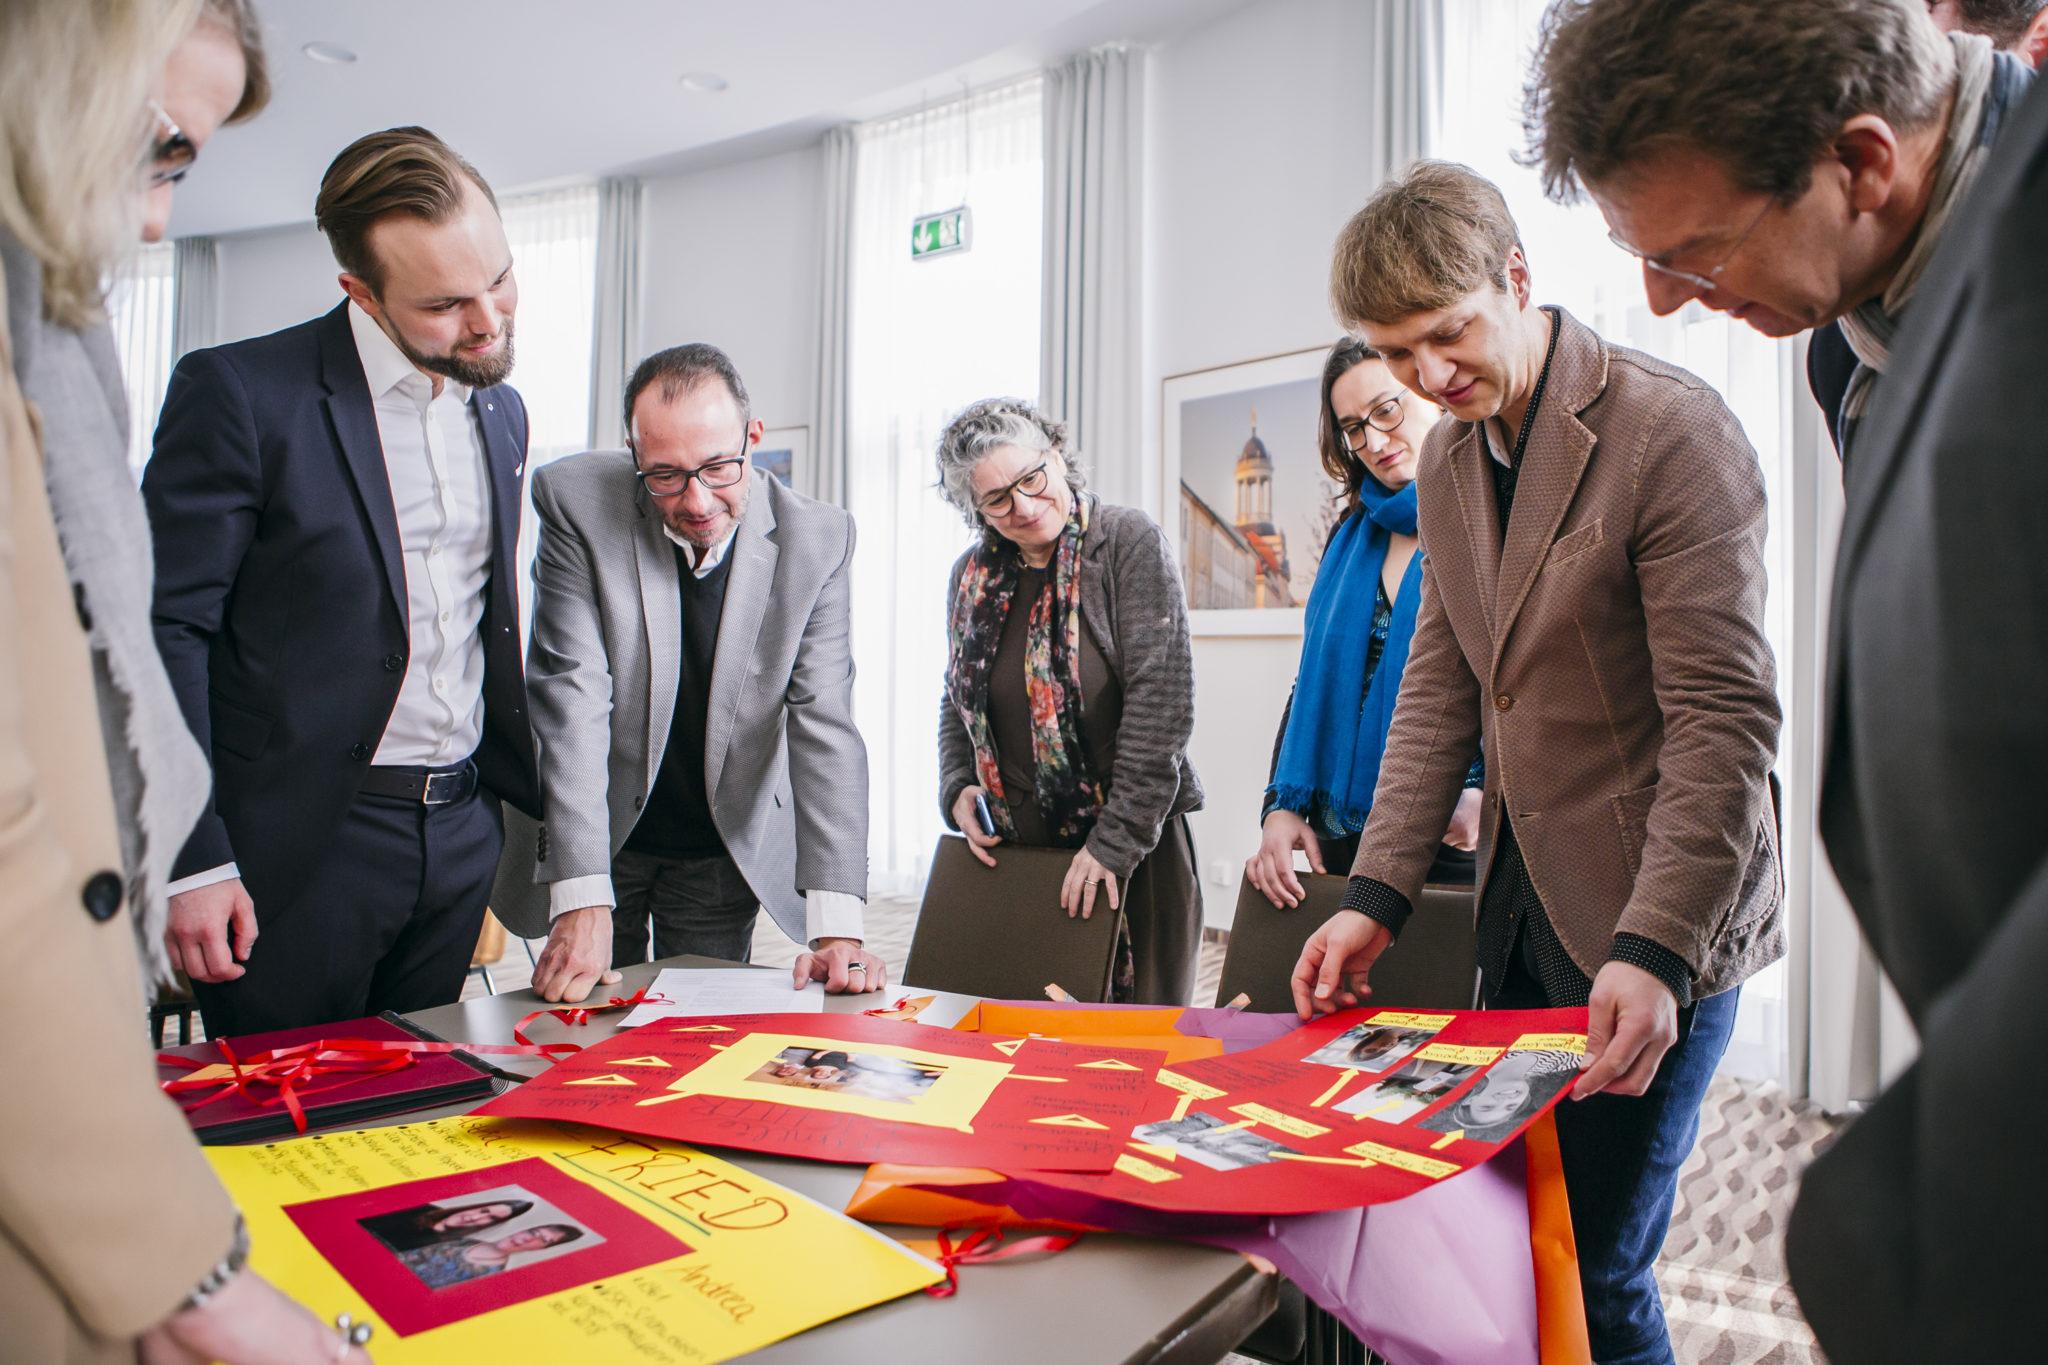 Die Jury staunt über die Kreativität der eingereichten Bewerbungen © offenblen.de